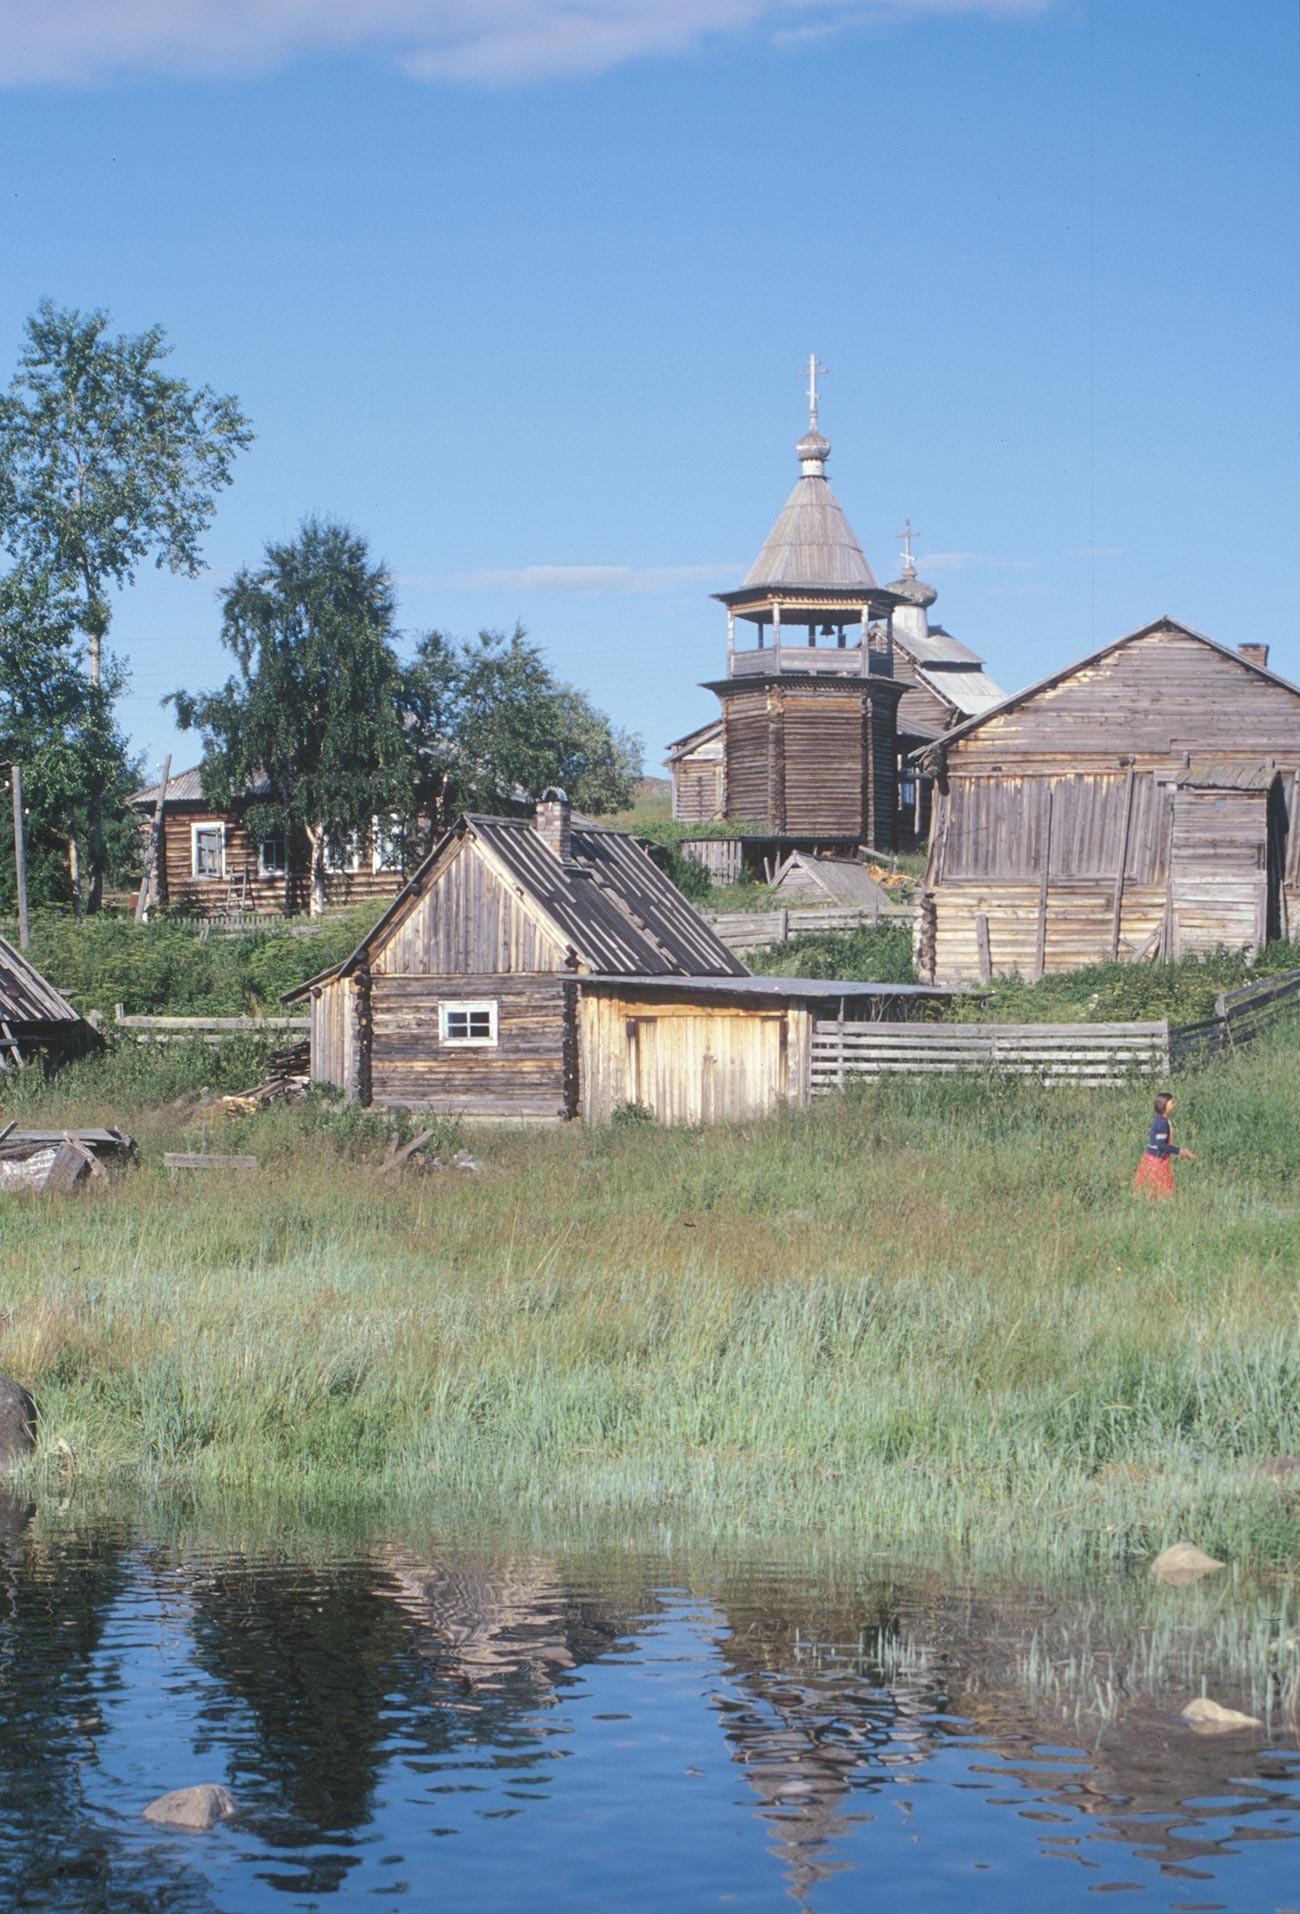 コヴダ村。丸太小屋と蒸し風呂と納屋。背景は聖ニコライ教会と鐘楼。2001年7月24日。